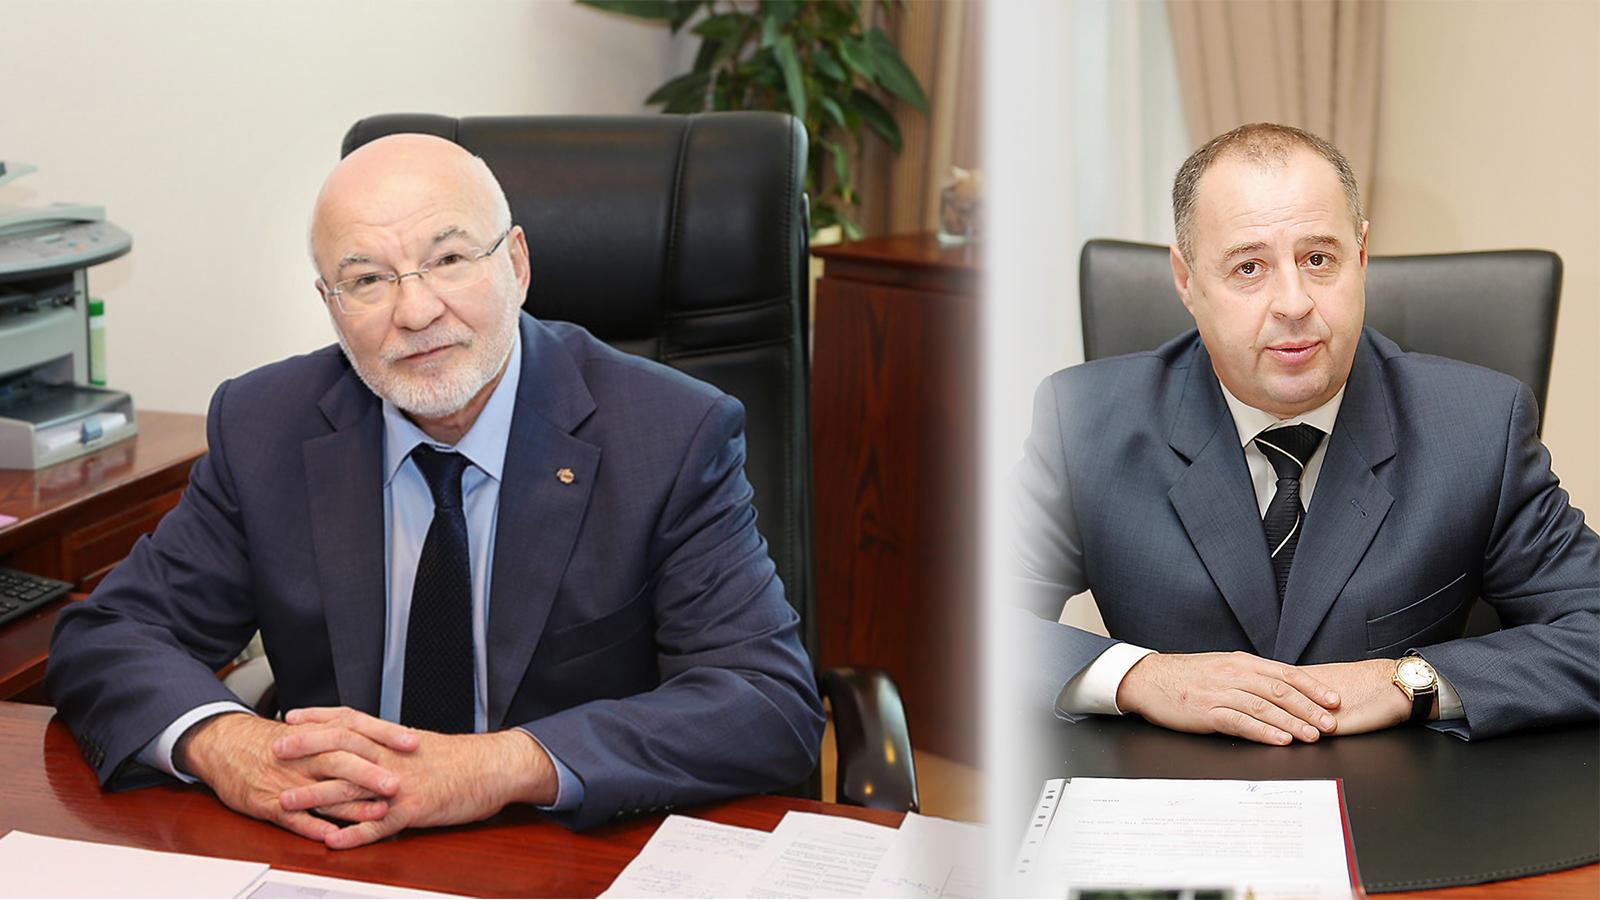 Слева— Виктор Олюнин, 23 года занимал пост директора по персоналу в «Уралэлектромеди» и УГМК. Справа— Григорий Рудой, пришел в УГМК в 2000 году.